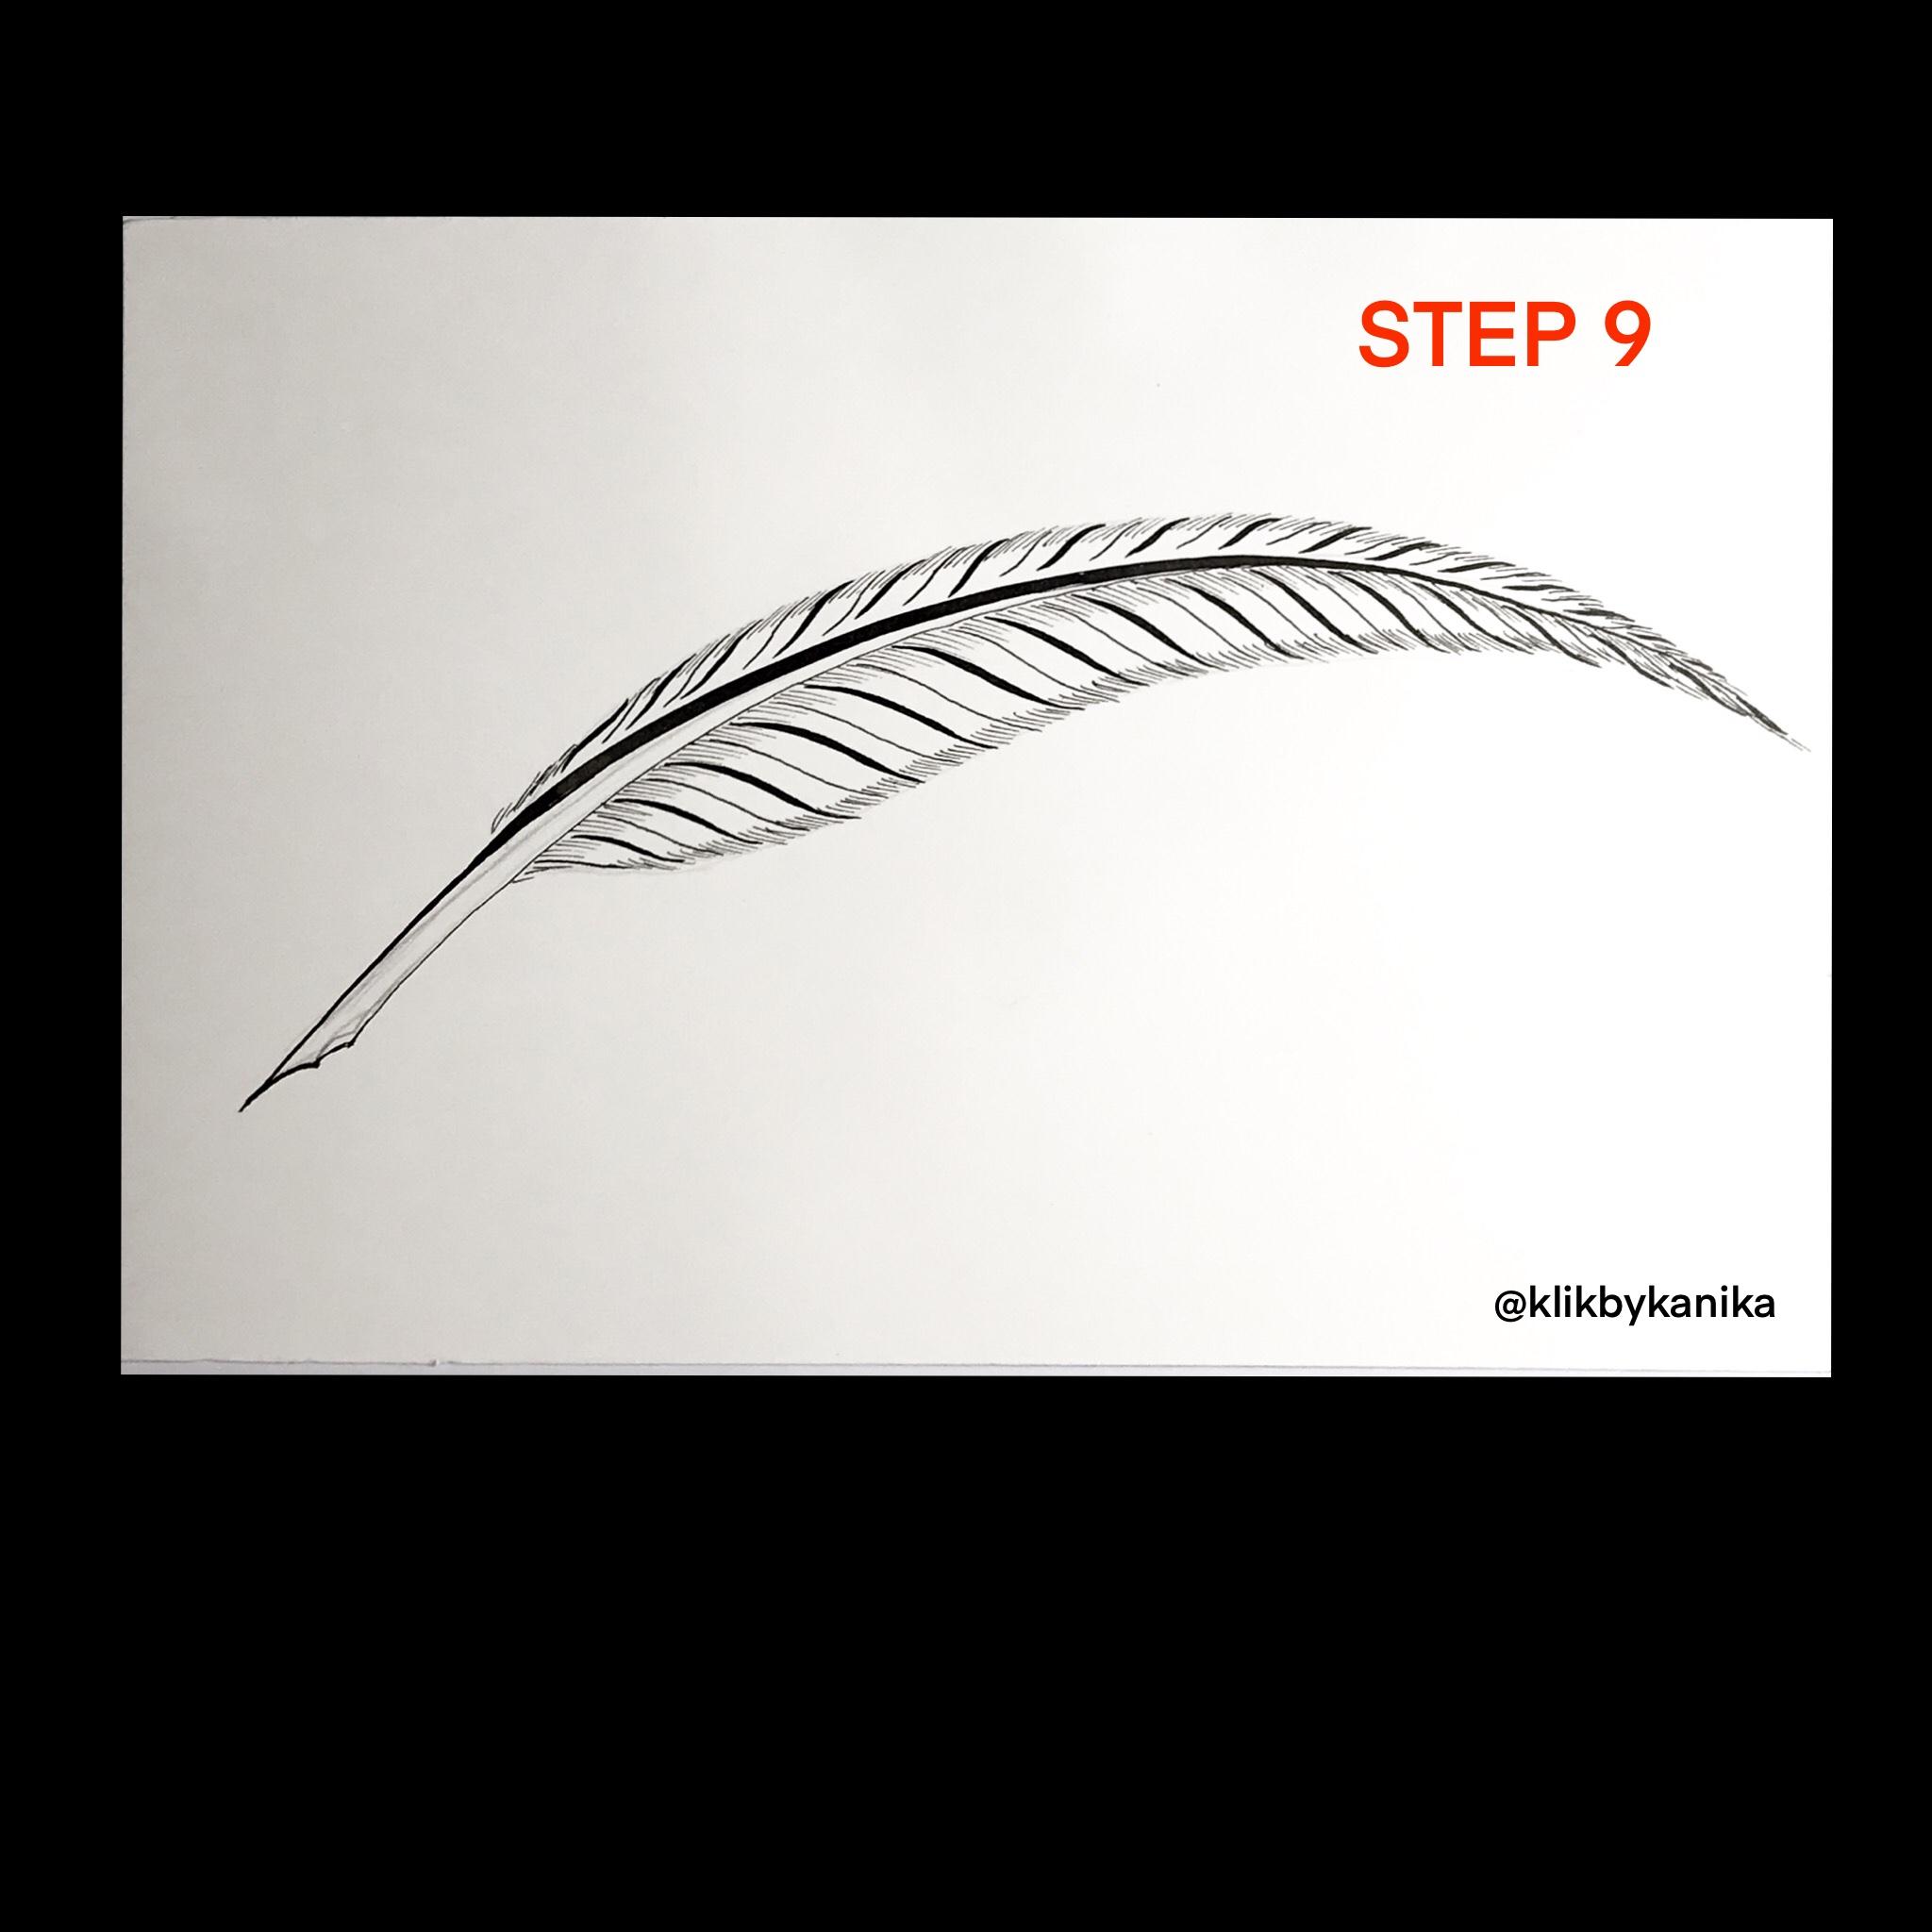 step 9 kanika